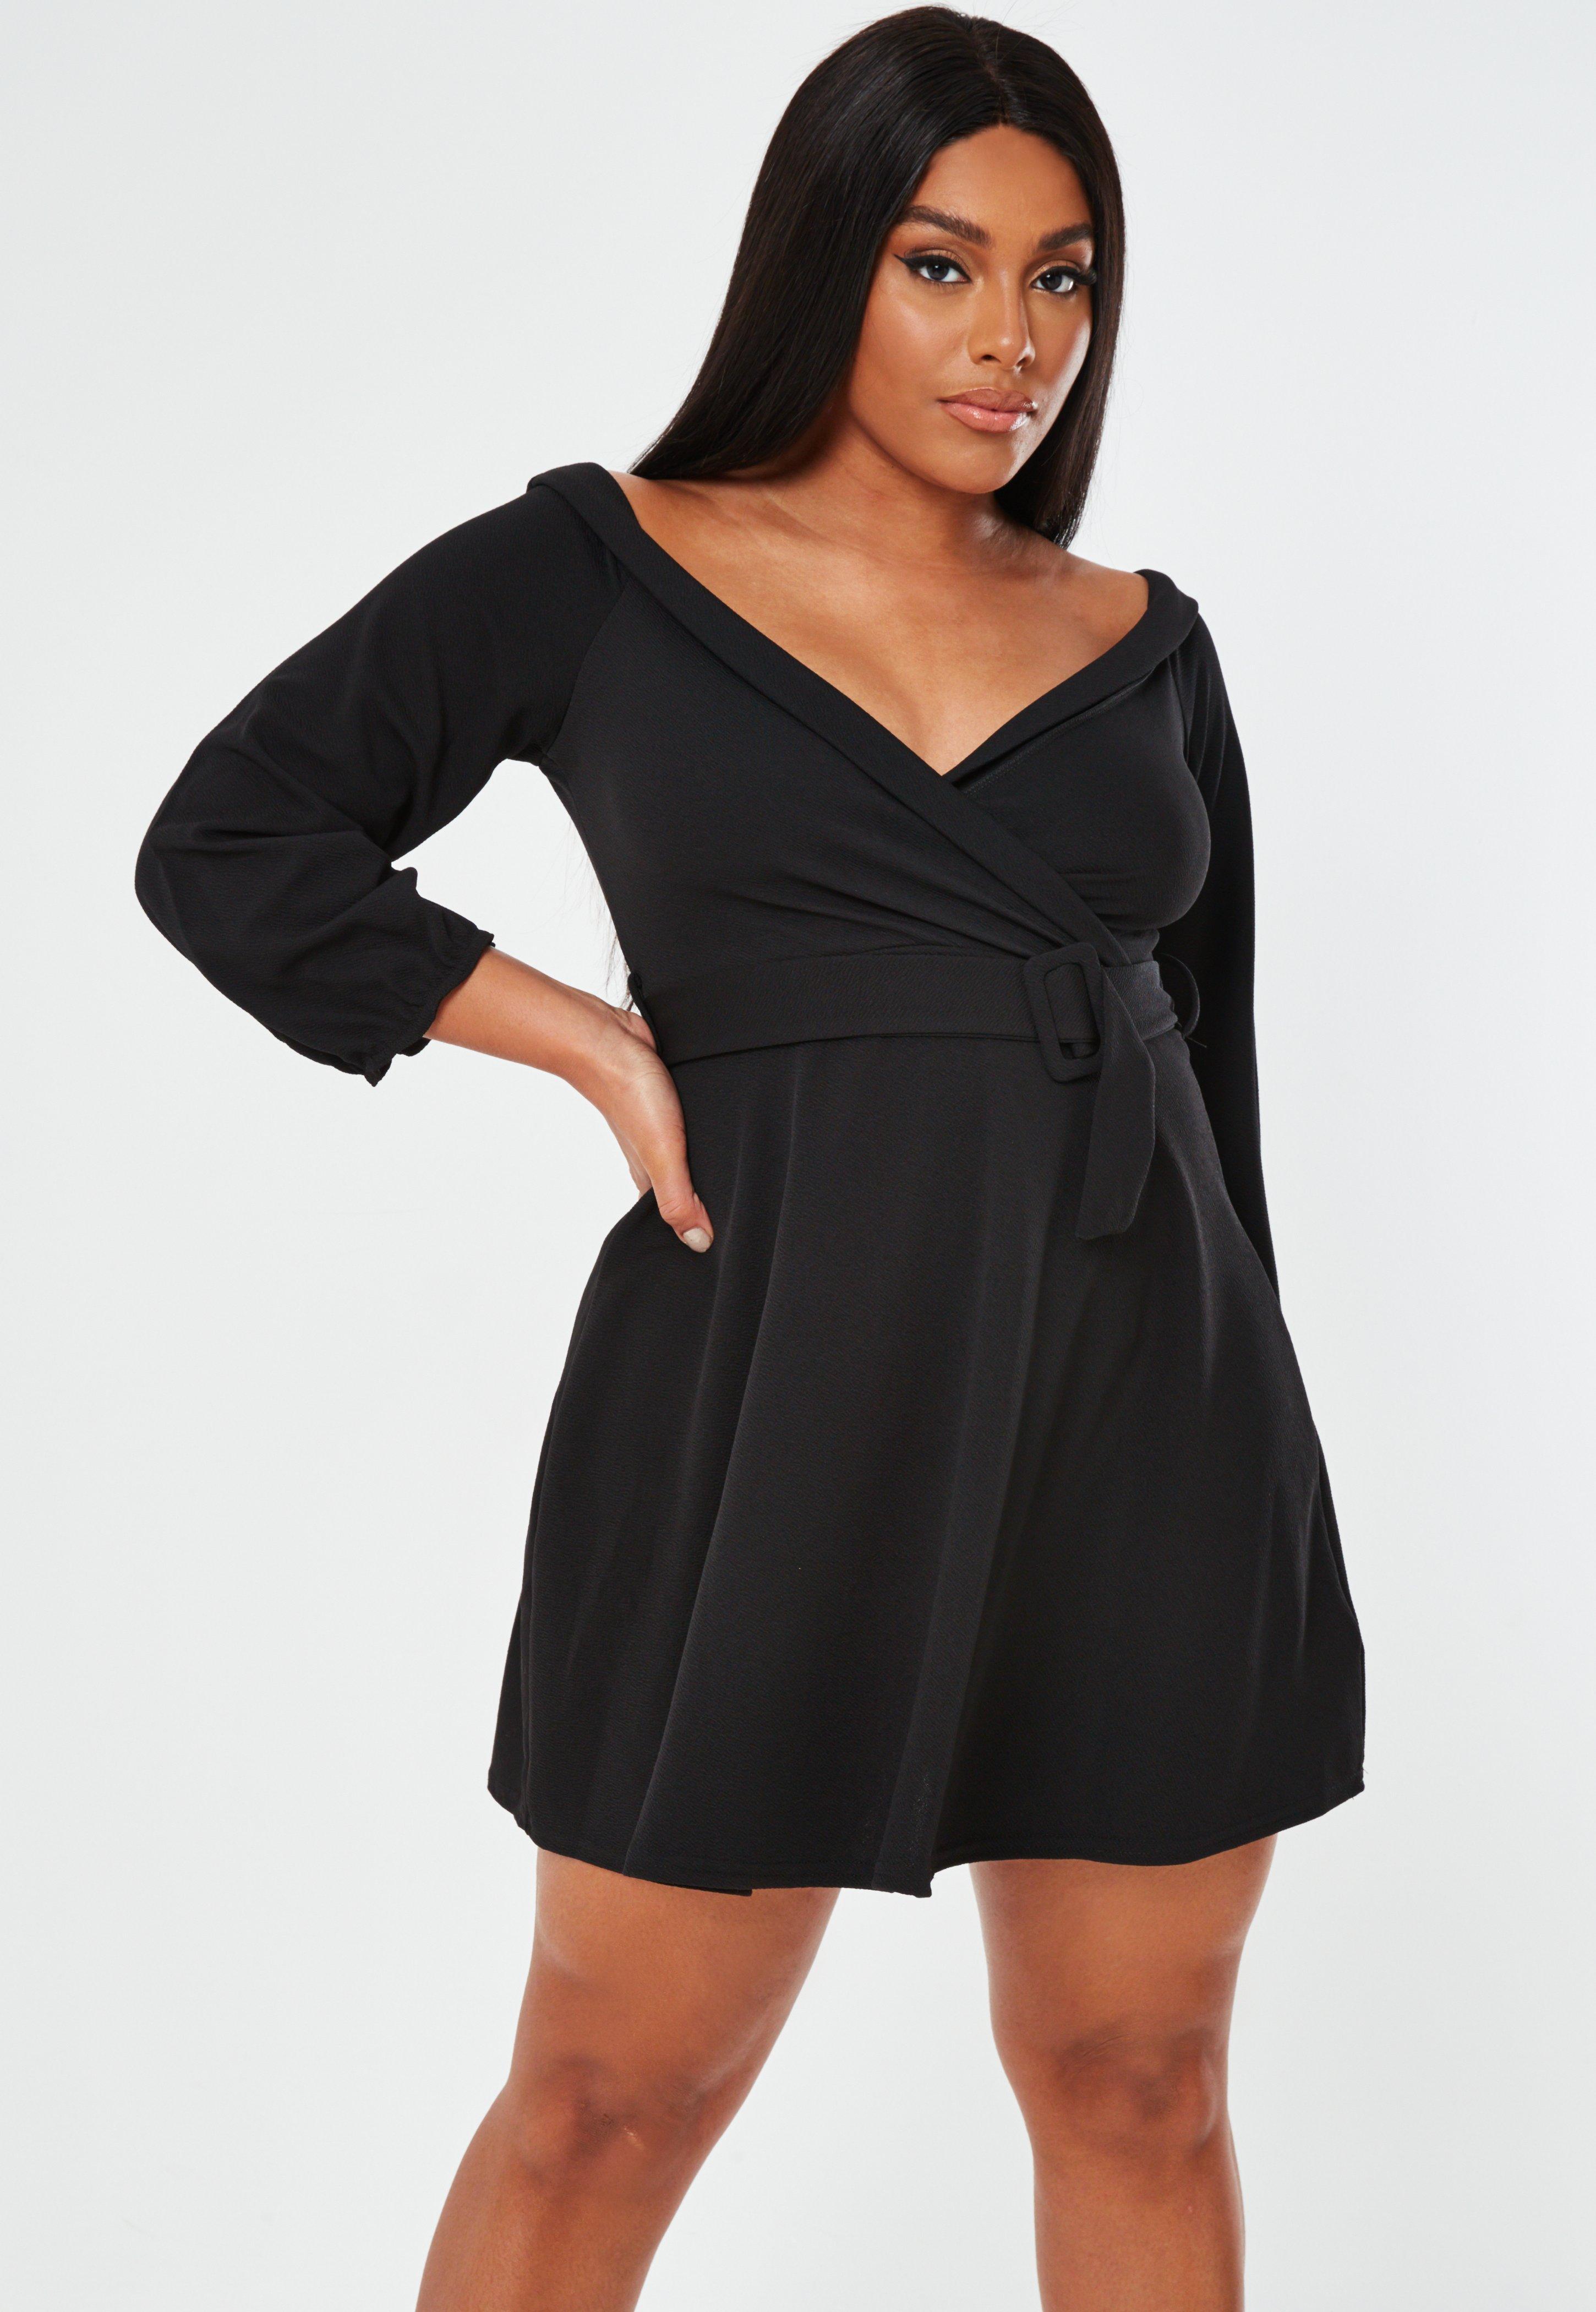 Missguided plus size black choker neck bardot dress black uk 20